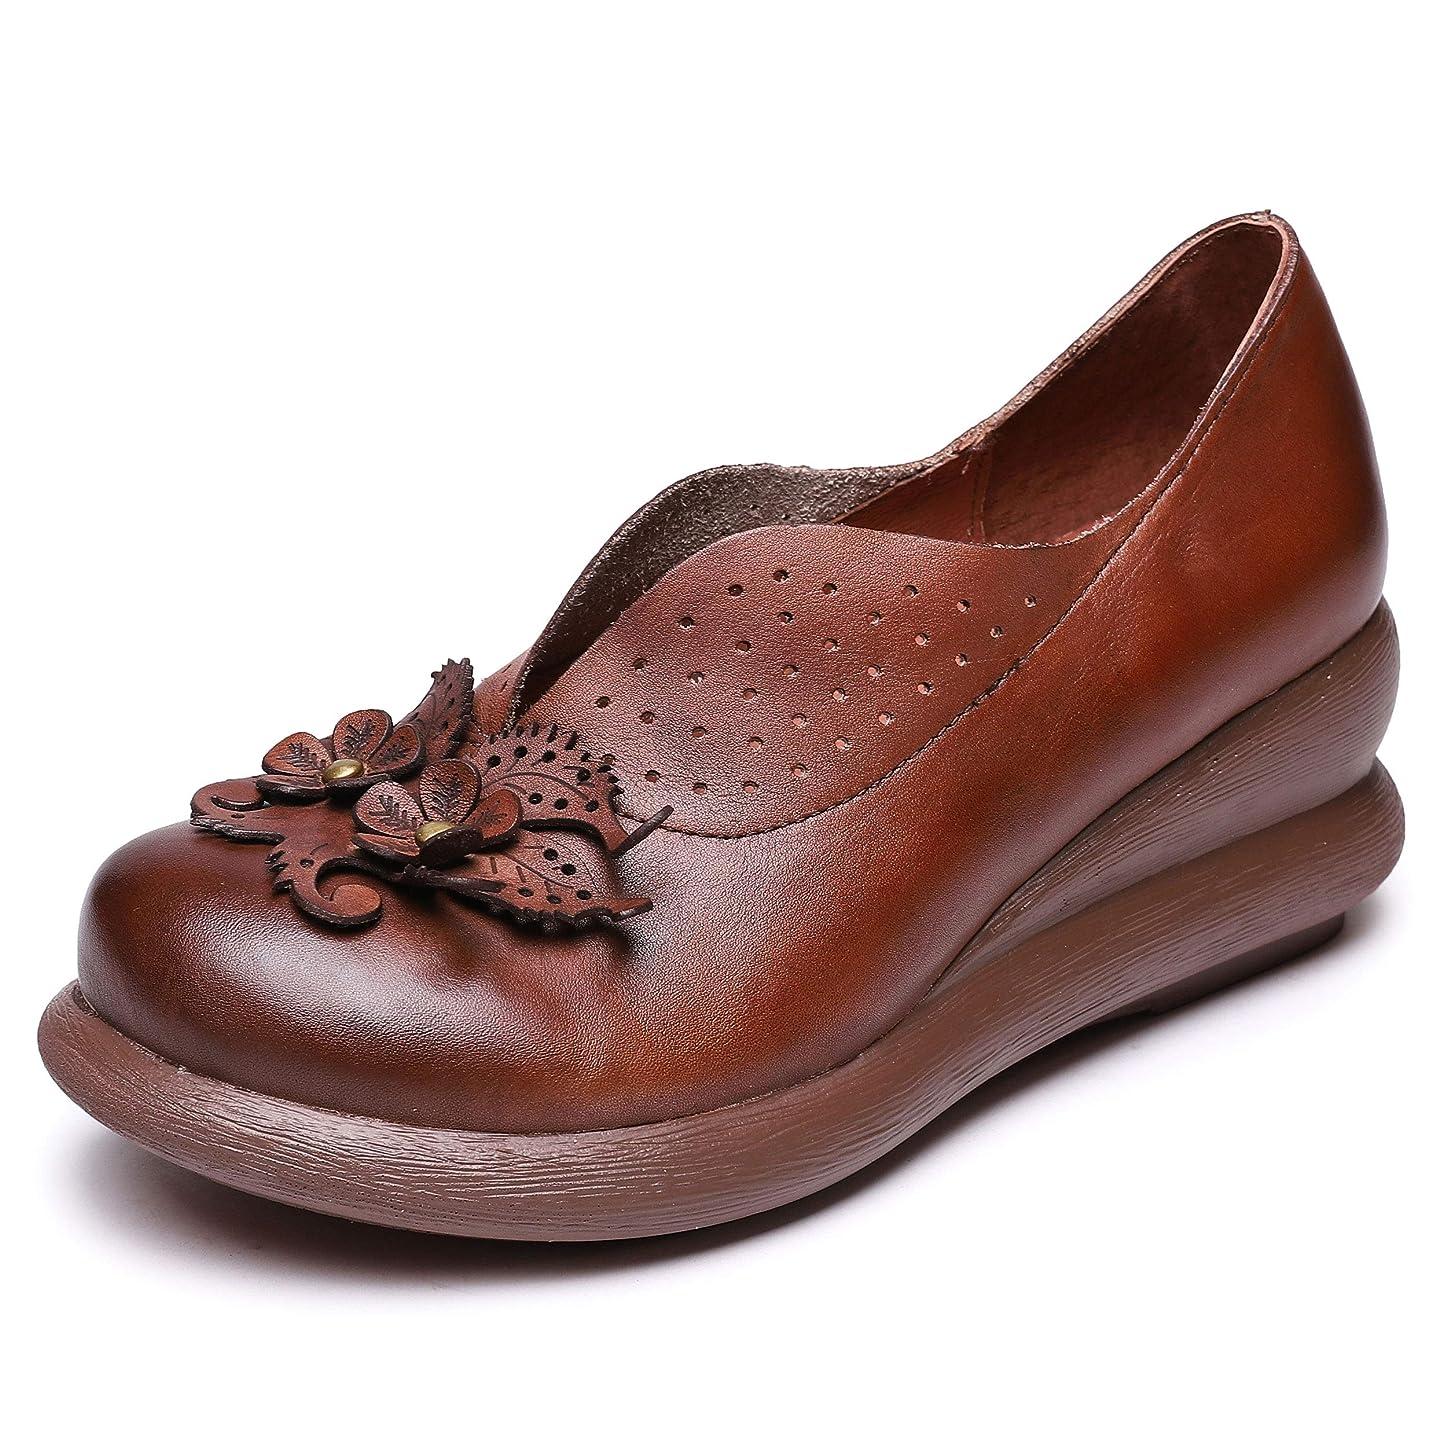 誠実修道院蒸発する[Maysky] パンプス フラワーモチーフ Vカット ラウンドトゥ ウェッジソール 厚底 軽量 歩きやすい 履きやすい 疲れにくい カジュアル レディース